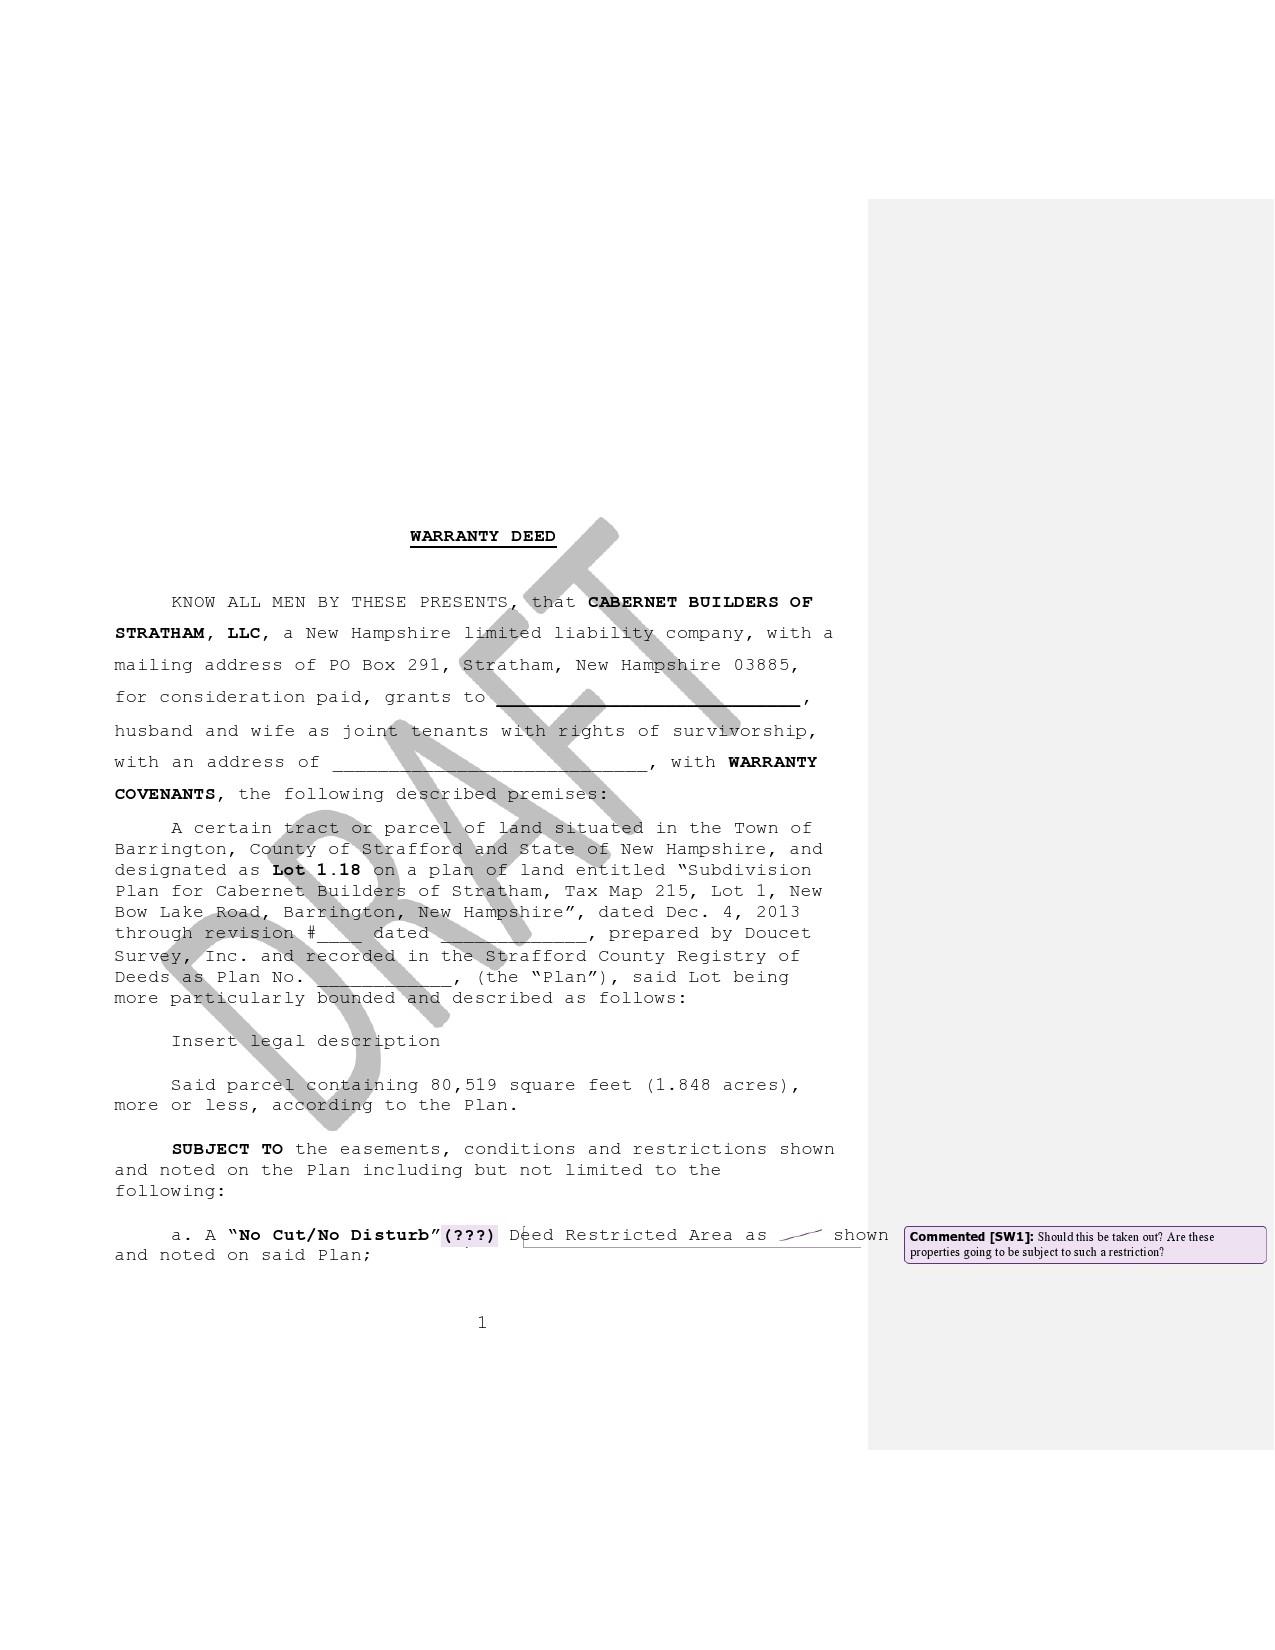 Free warranty deed form 20